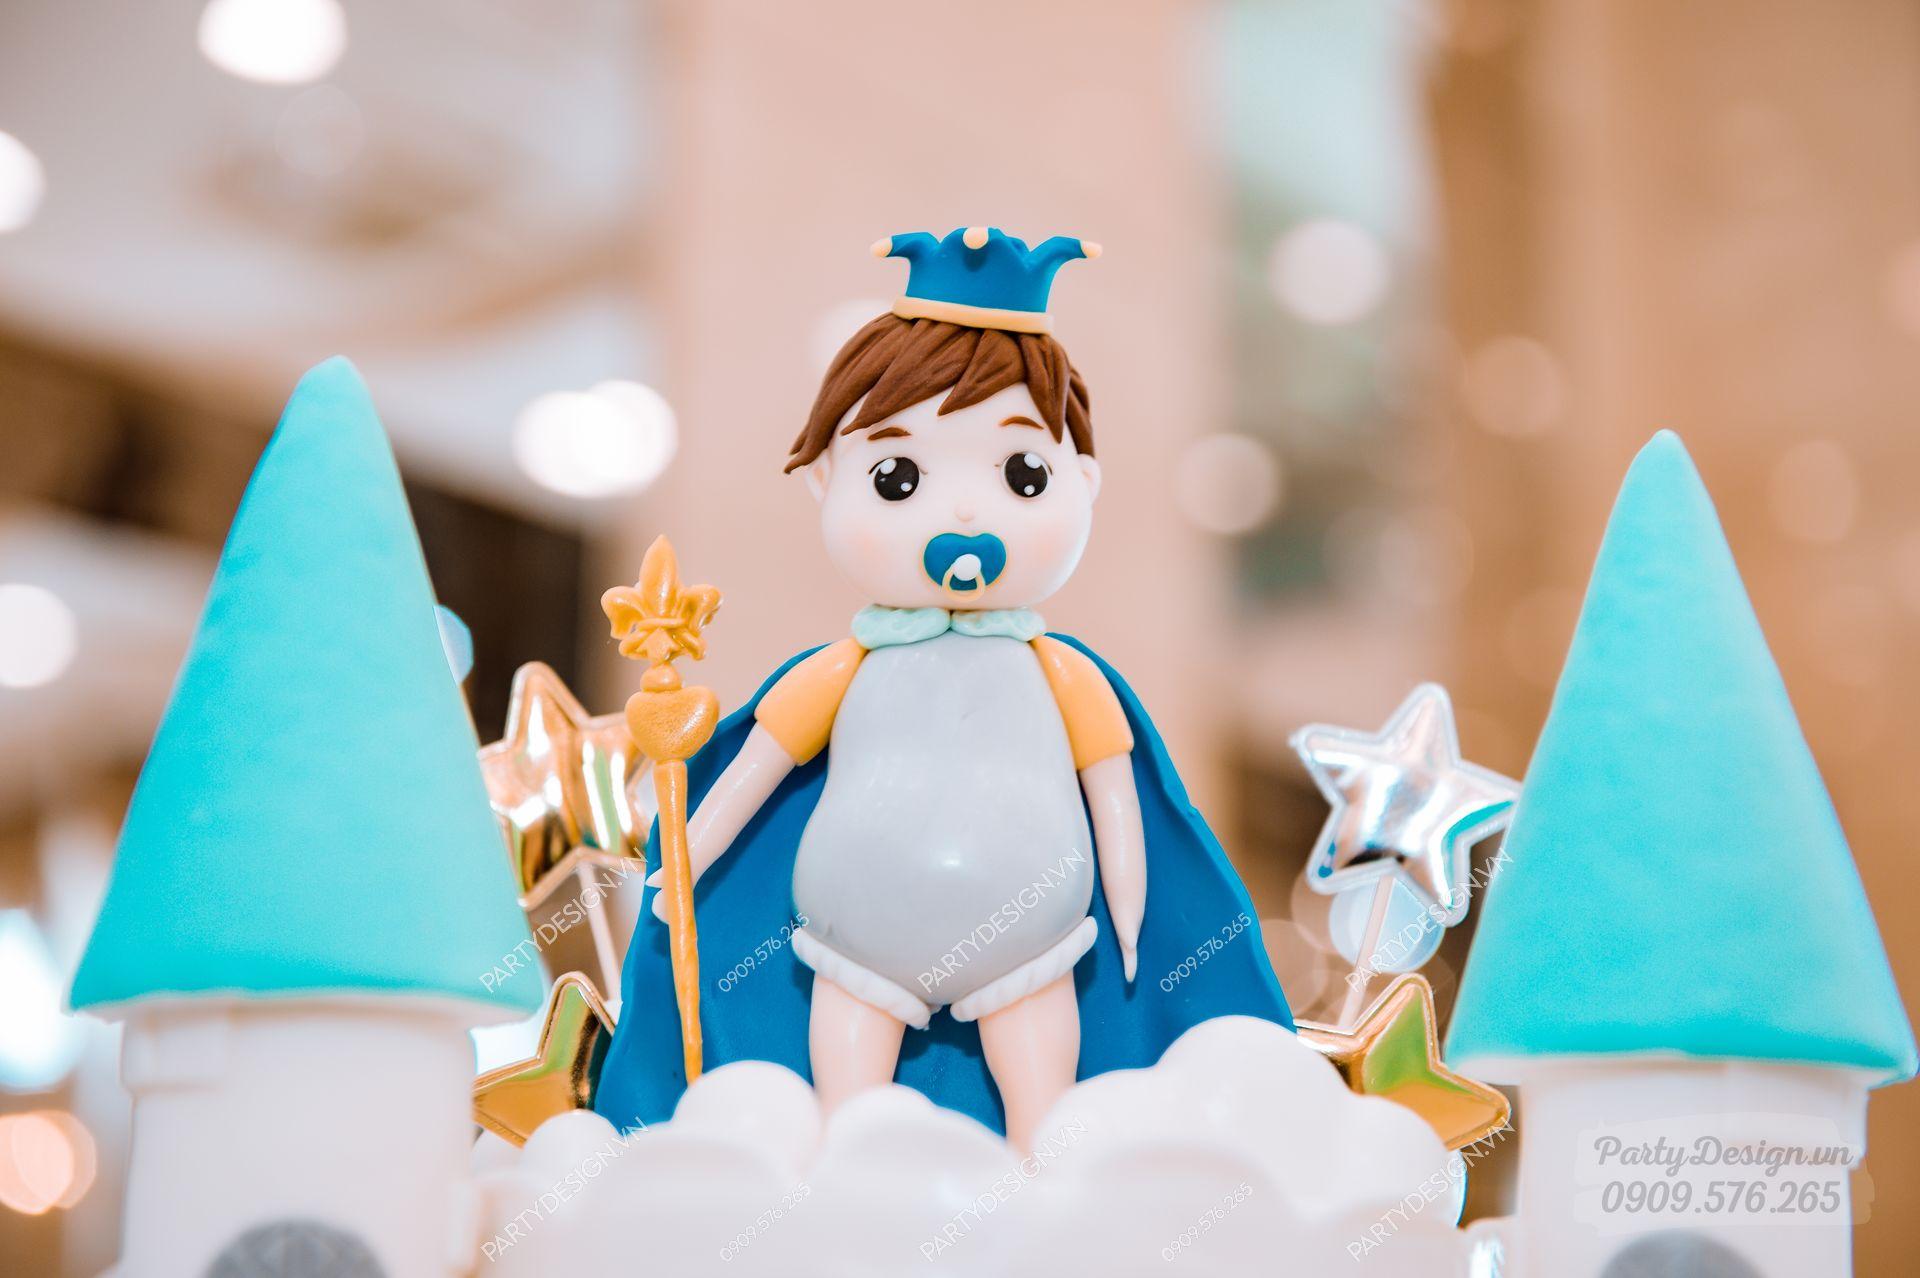 Trang trí sinh nhật chủ đề Hoàng Tử - bé Thiên Phước